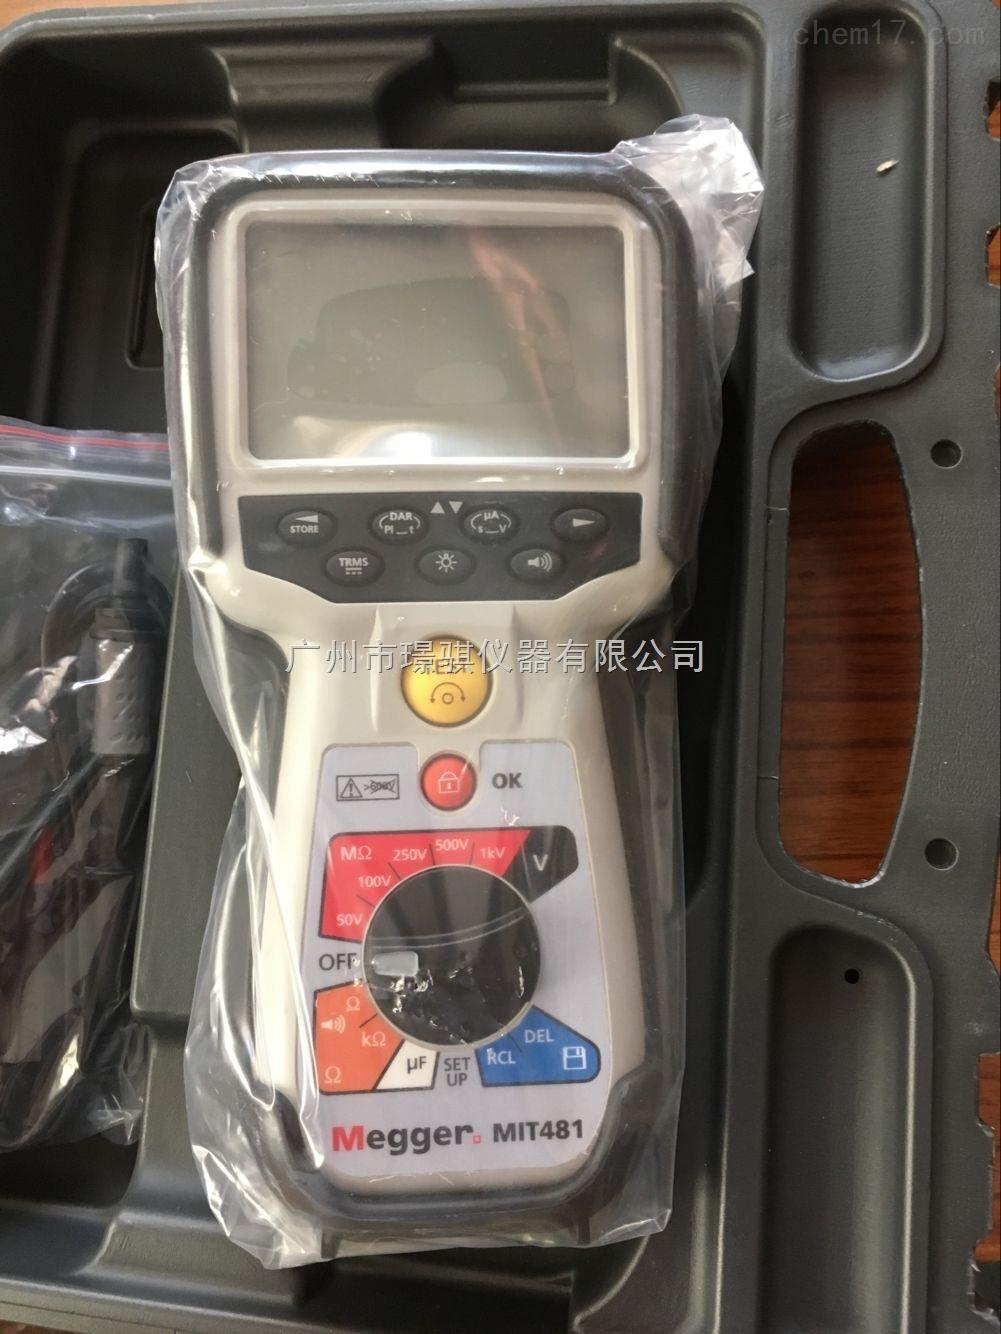 進口電阻測試儀MIT481絕緣電阻測試儀說明書